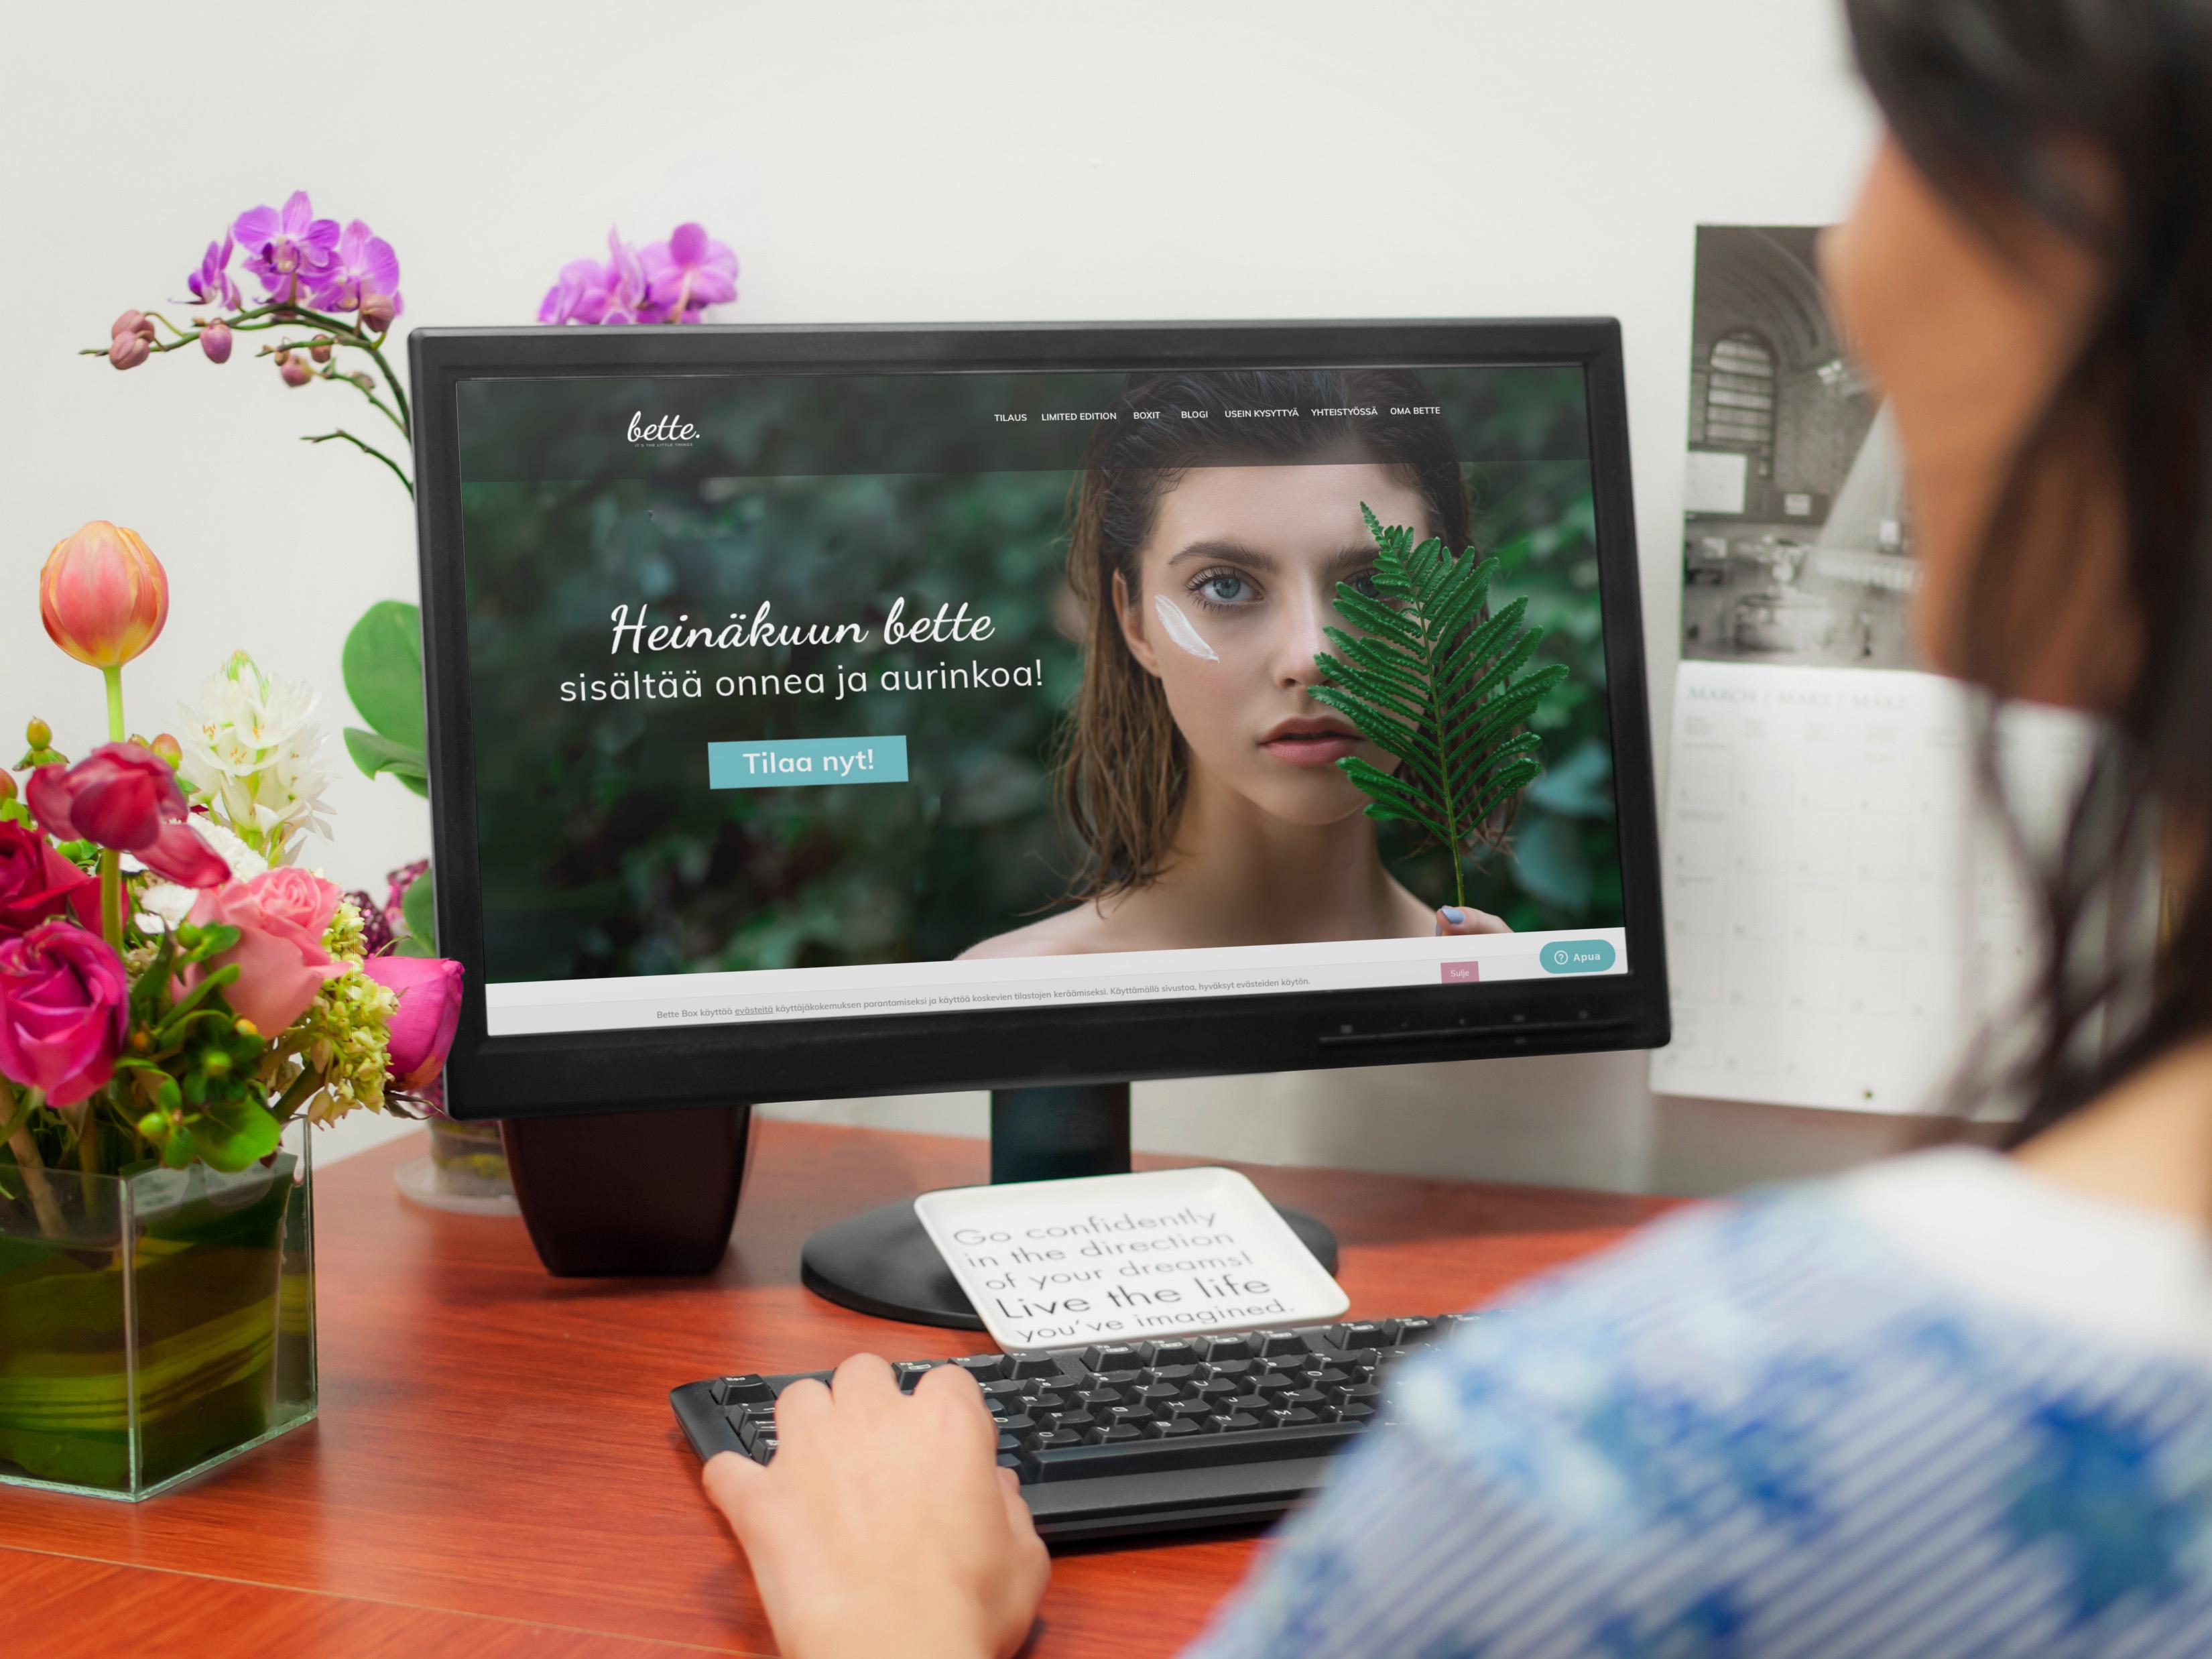 Nainen katselee bettebox.fi verkkokaupan etusivua tietokoneen näytöltä.